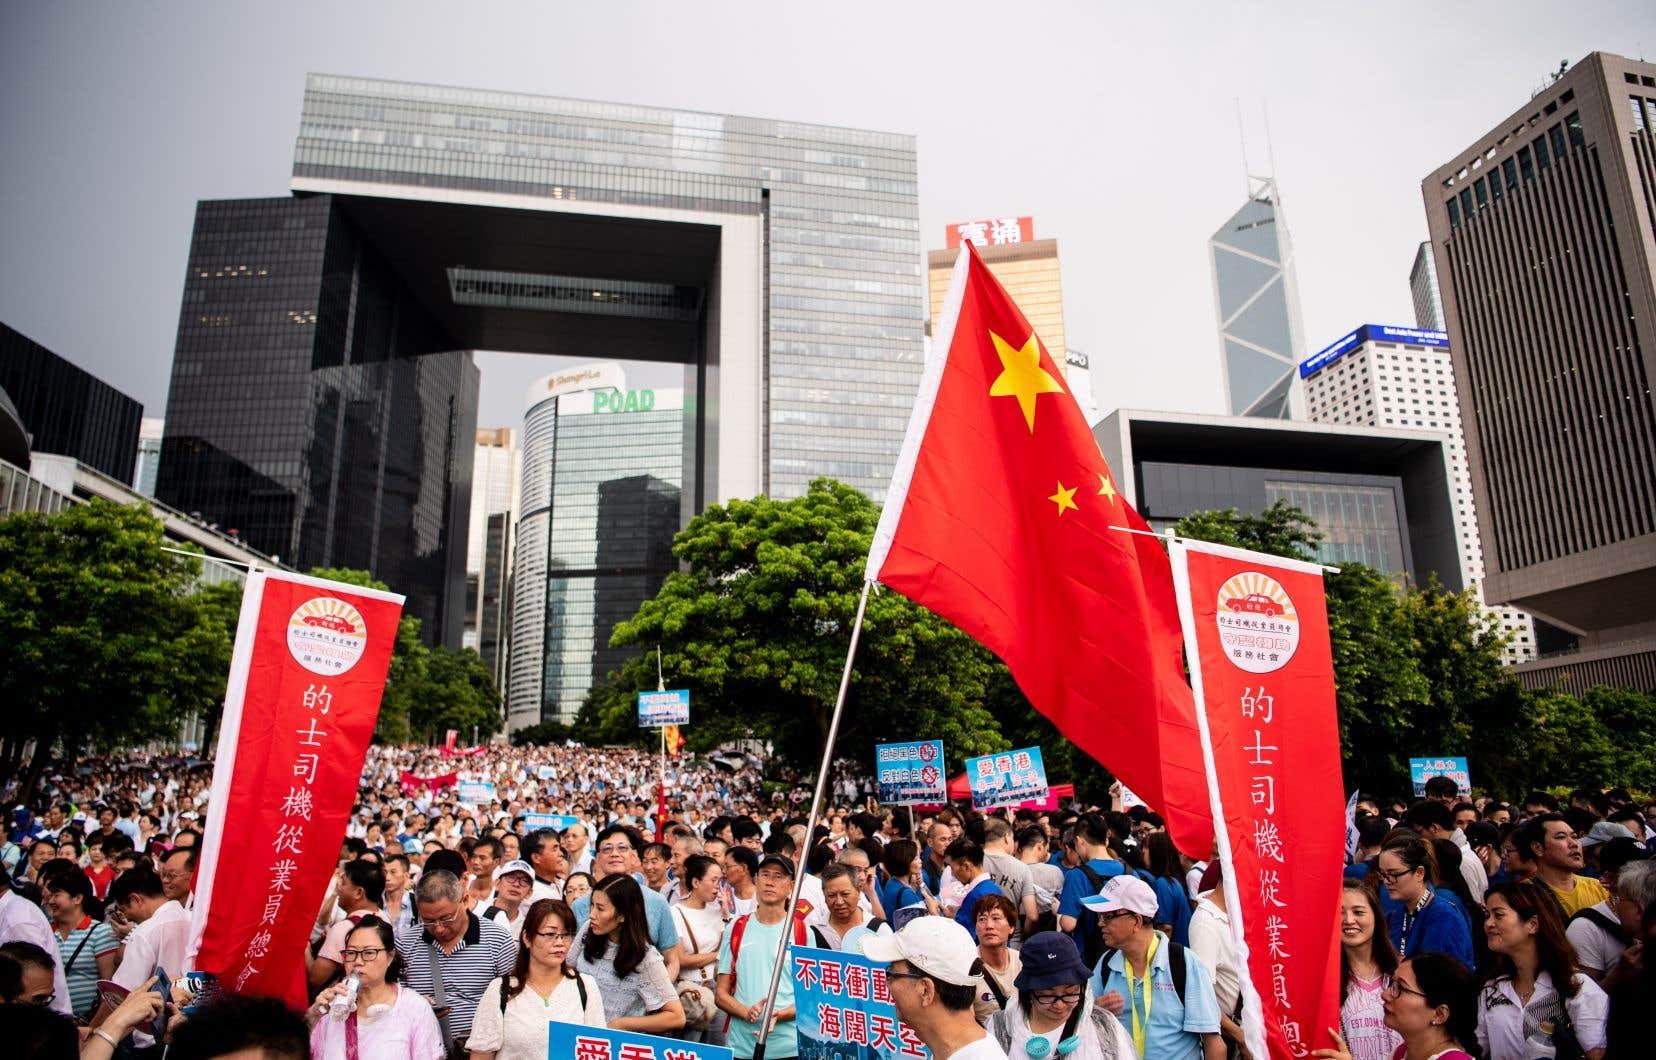 Ils exprimaient leur soutien à la police et au gouvernement, en réponse au mouvement de contestation massif.